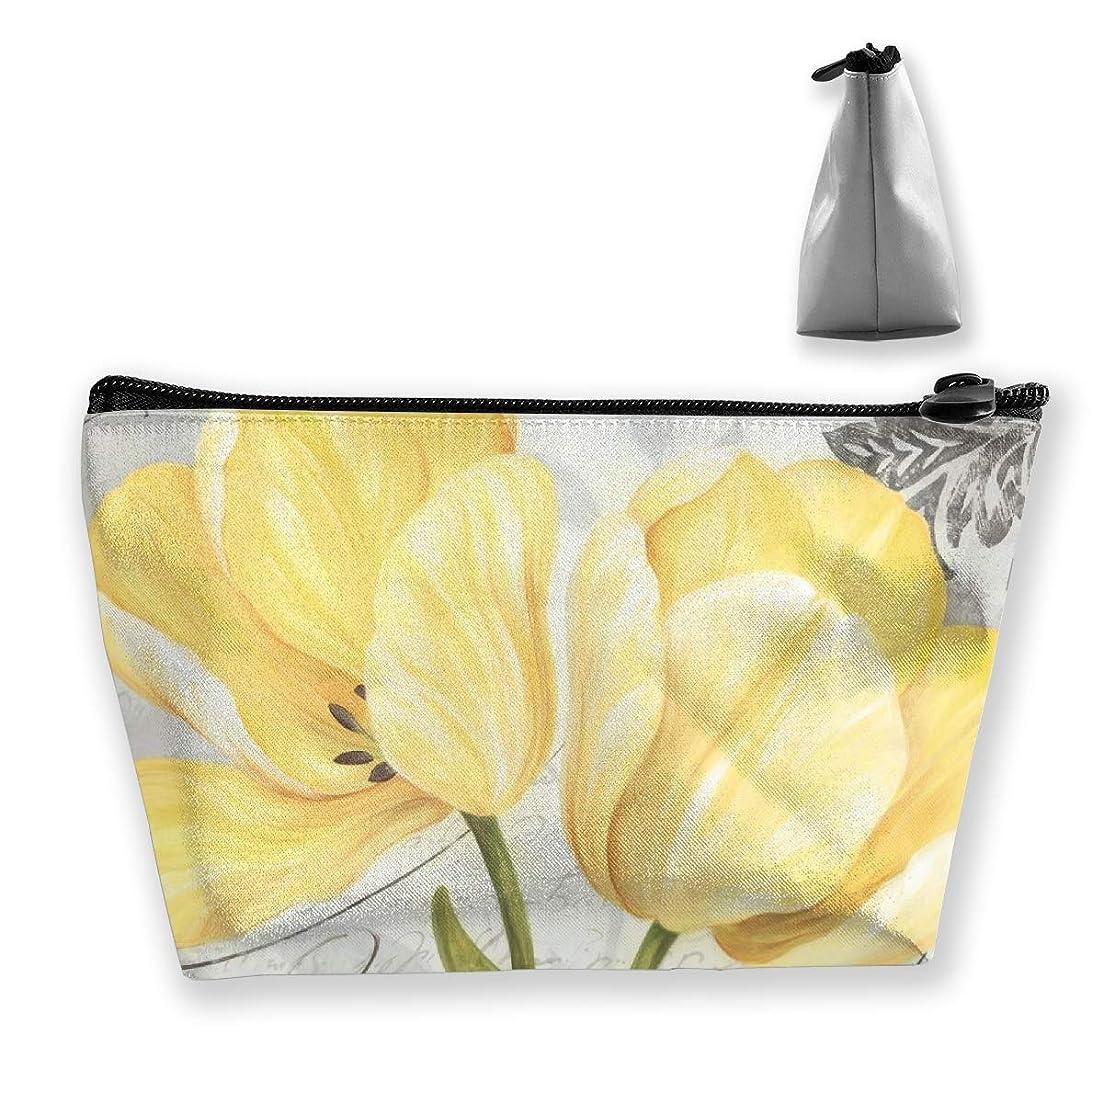 コスチューム利用可能友だちSzsgqkj 美しい灰色と黄色の花 化粧品袋の携帯用旅行構造の袋の洗面用品の主催者